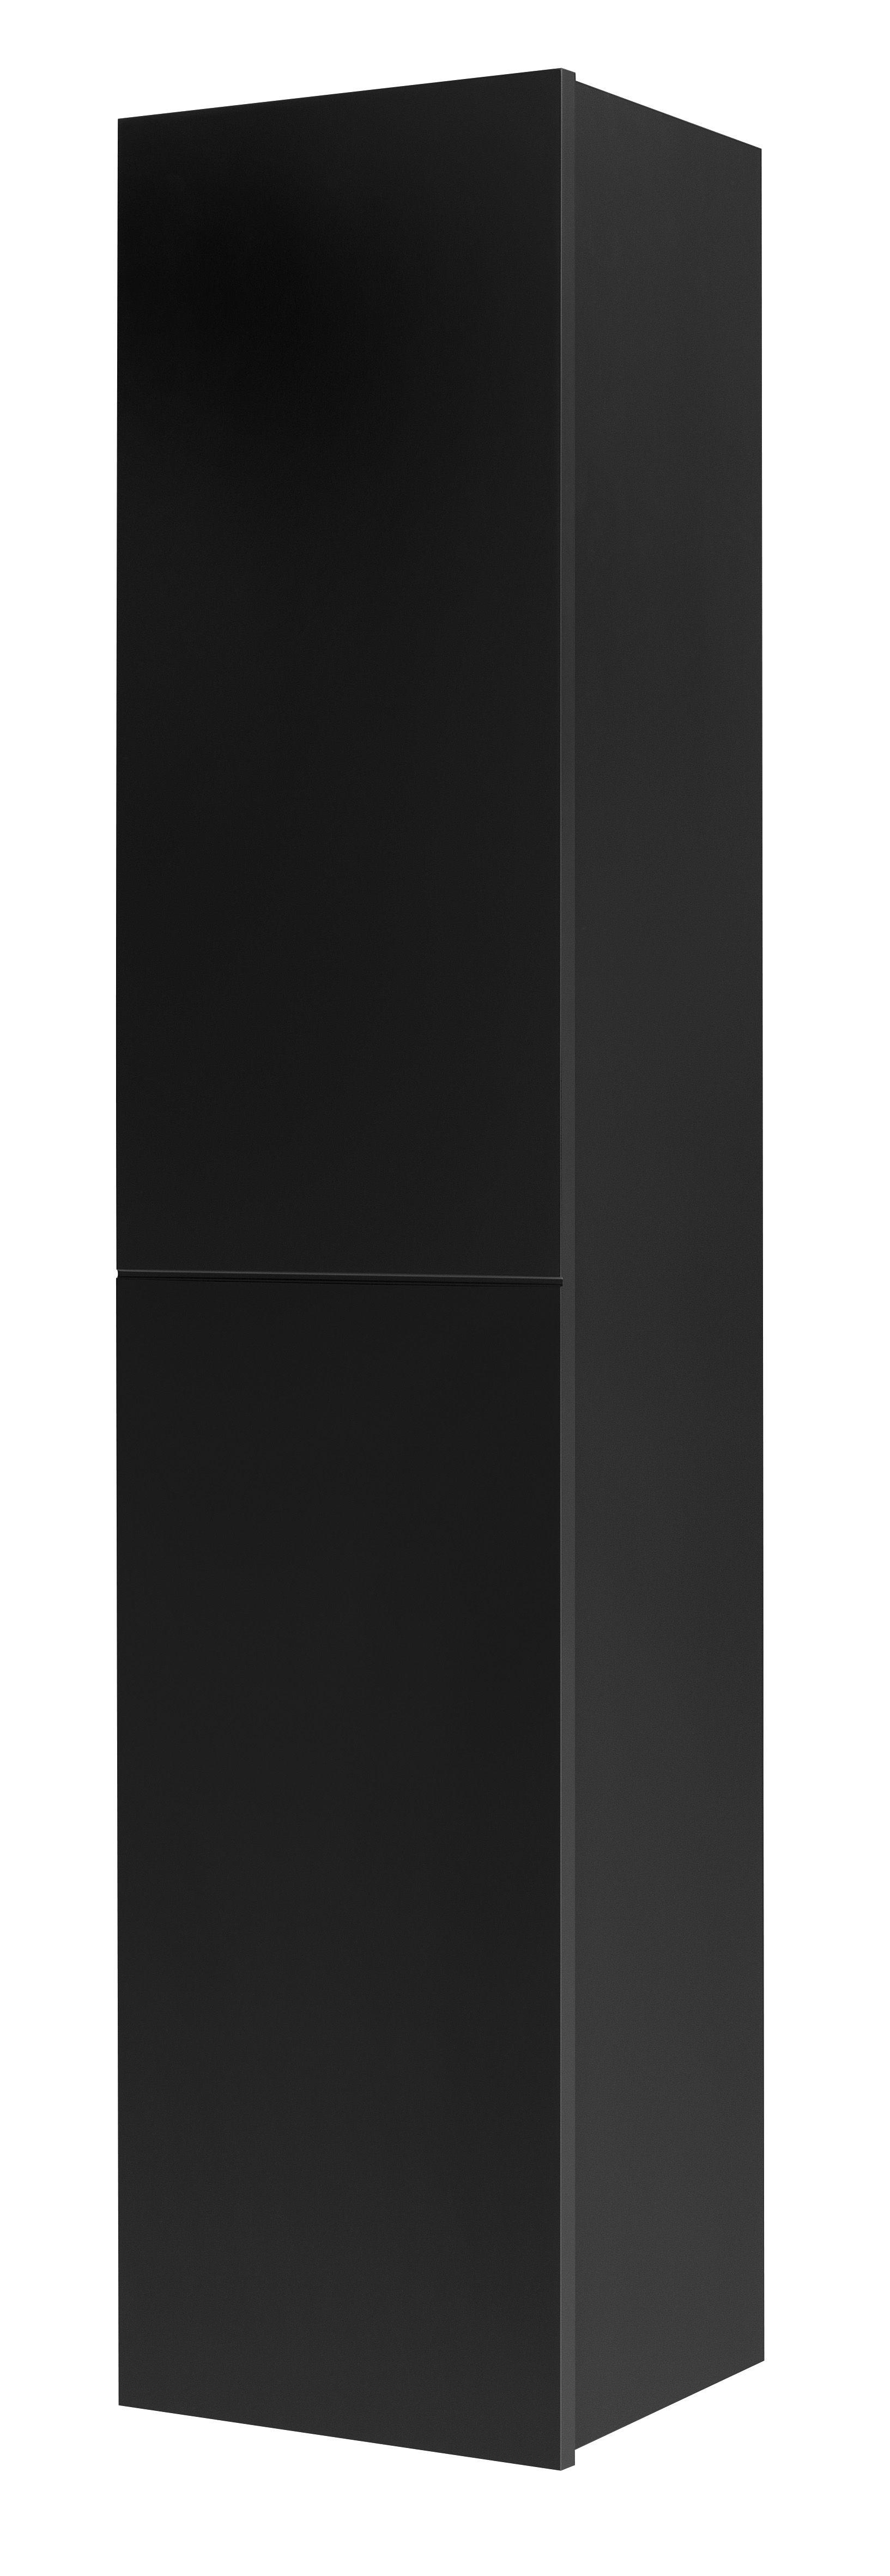 Tiger Items kolomkast met deur 160 cm hoog zwart hoogglans